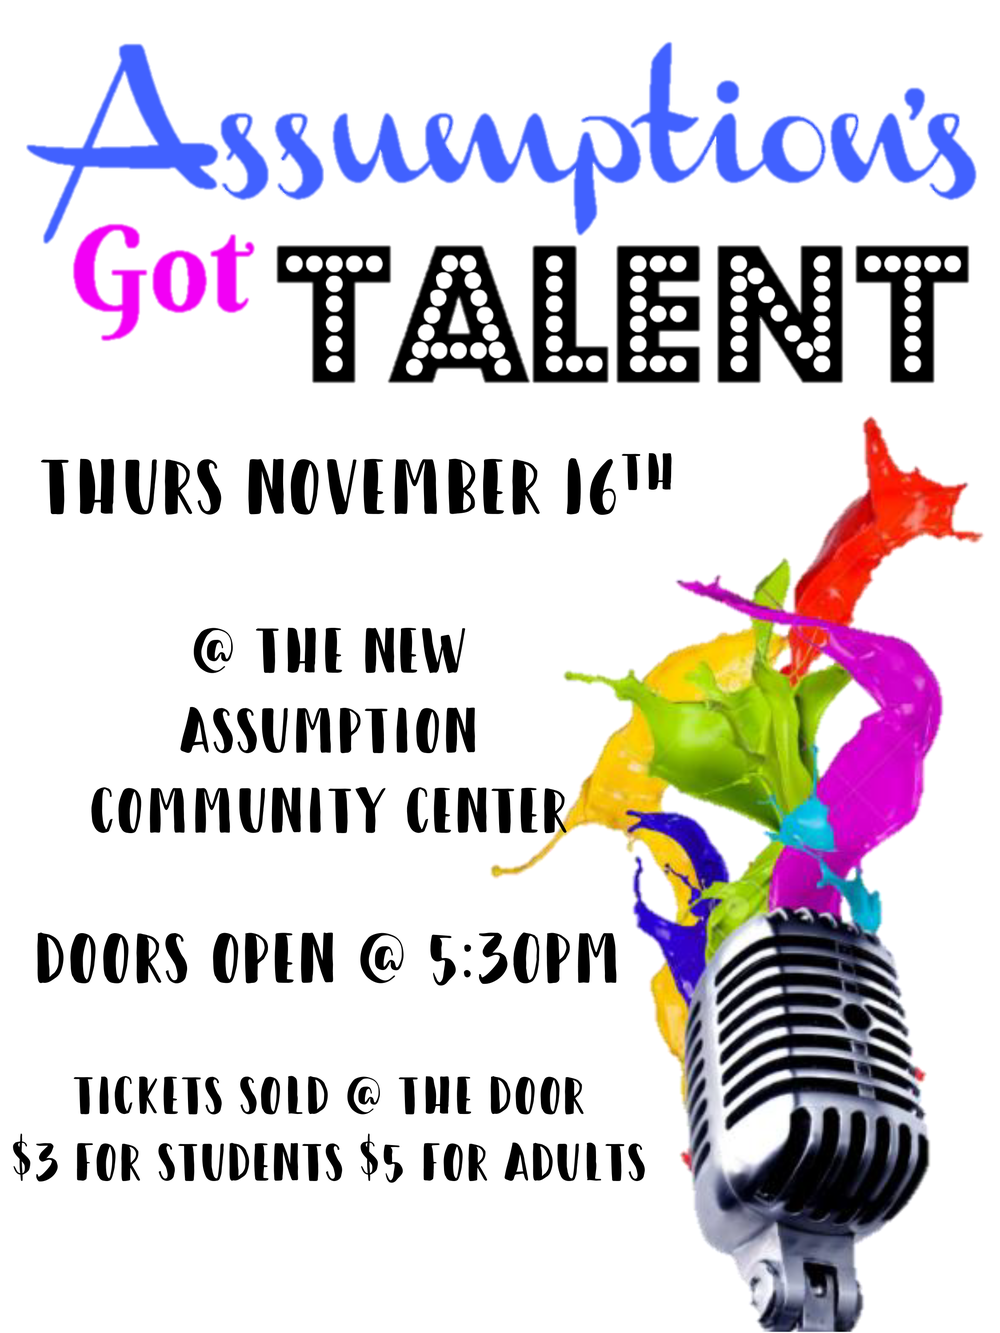 Assumption's-Got-Talent-Flyer-Color-w-White-Background.png